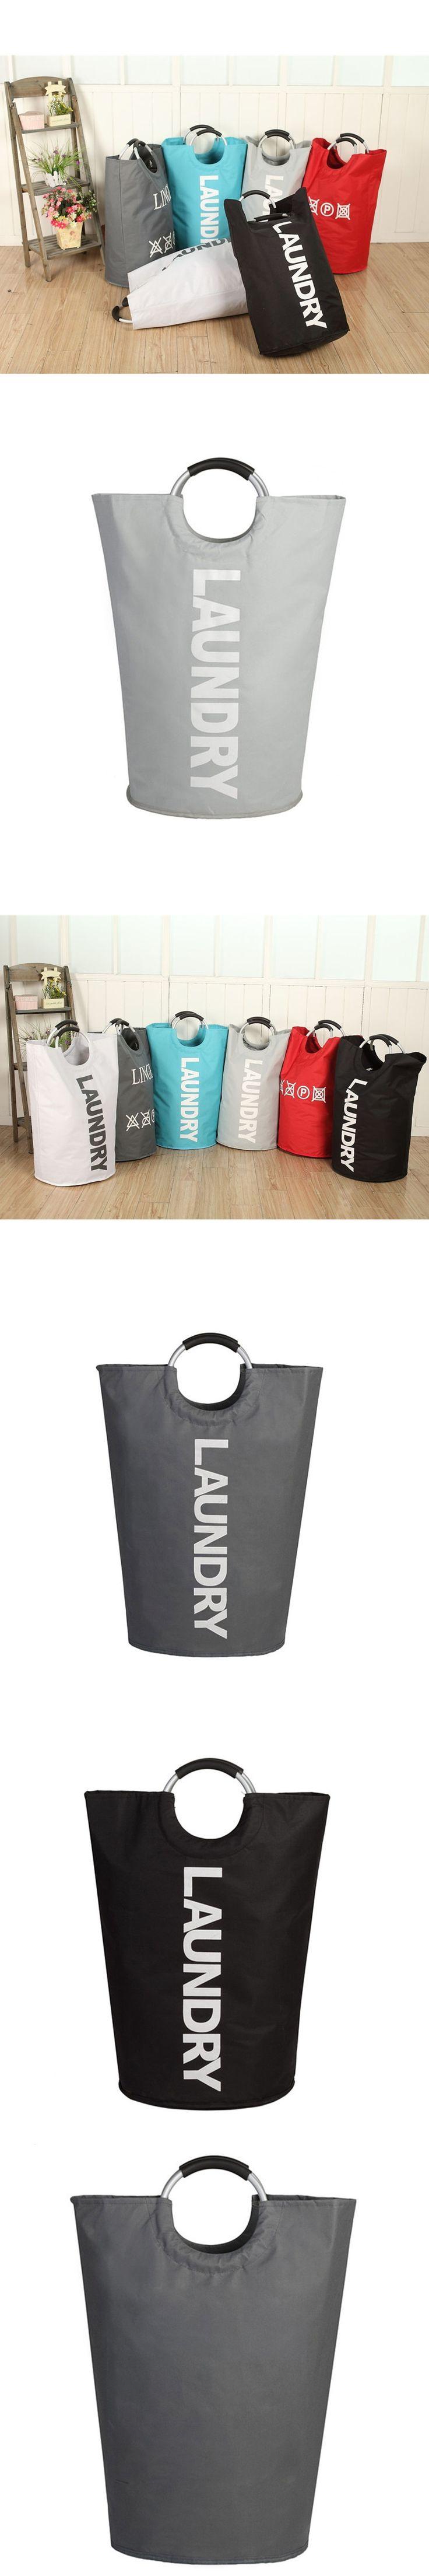 Pop Up Laundry Bag Foldable Laundry Basket Large Laundry Hamper